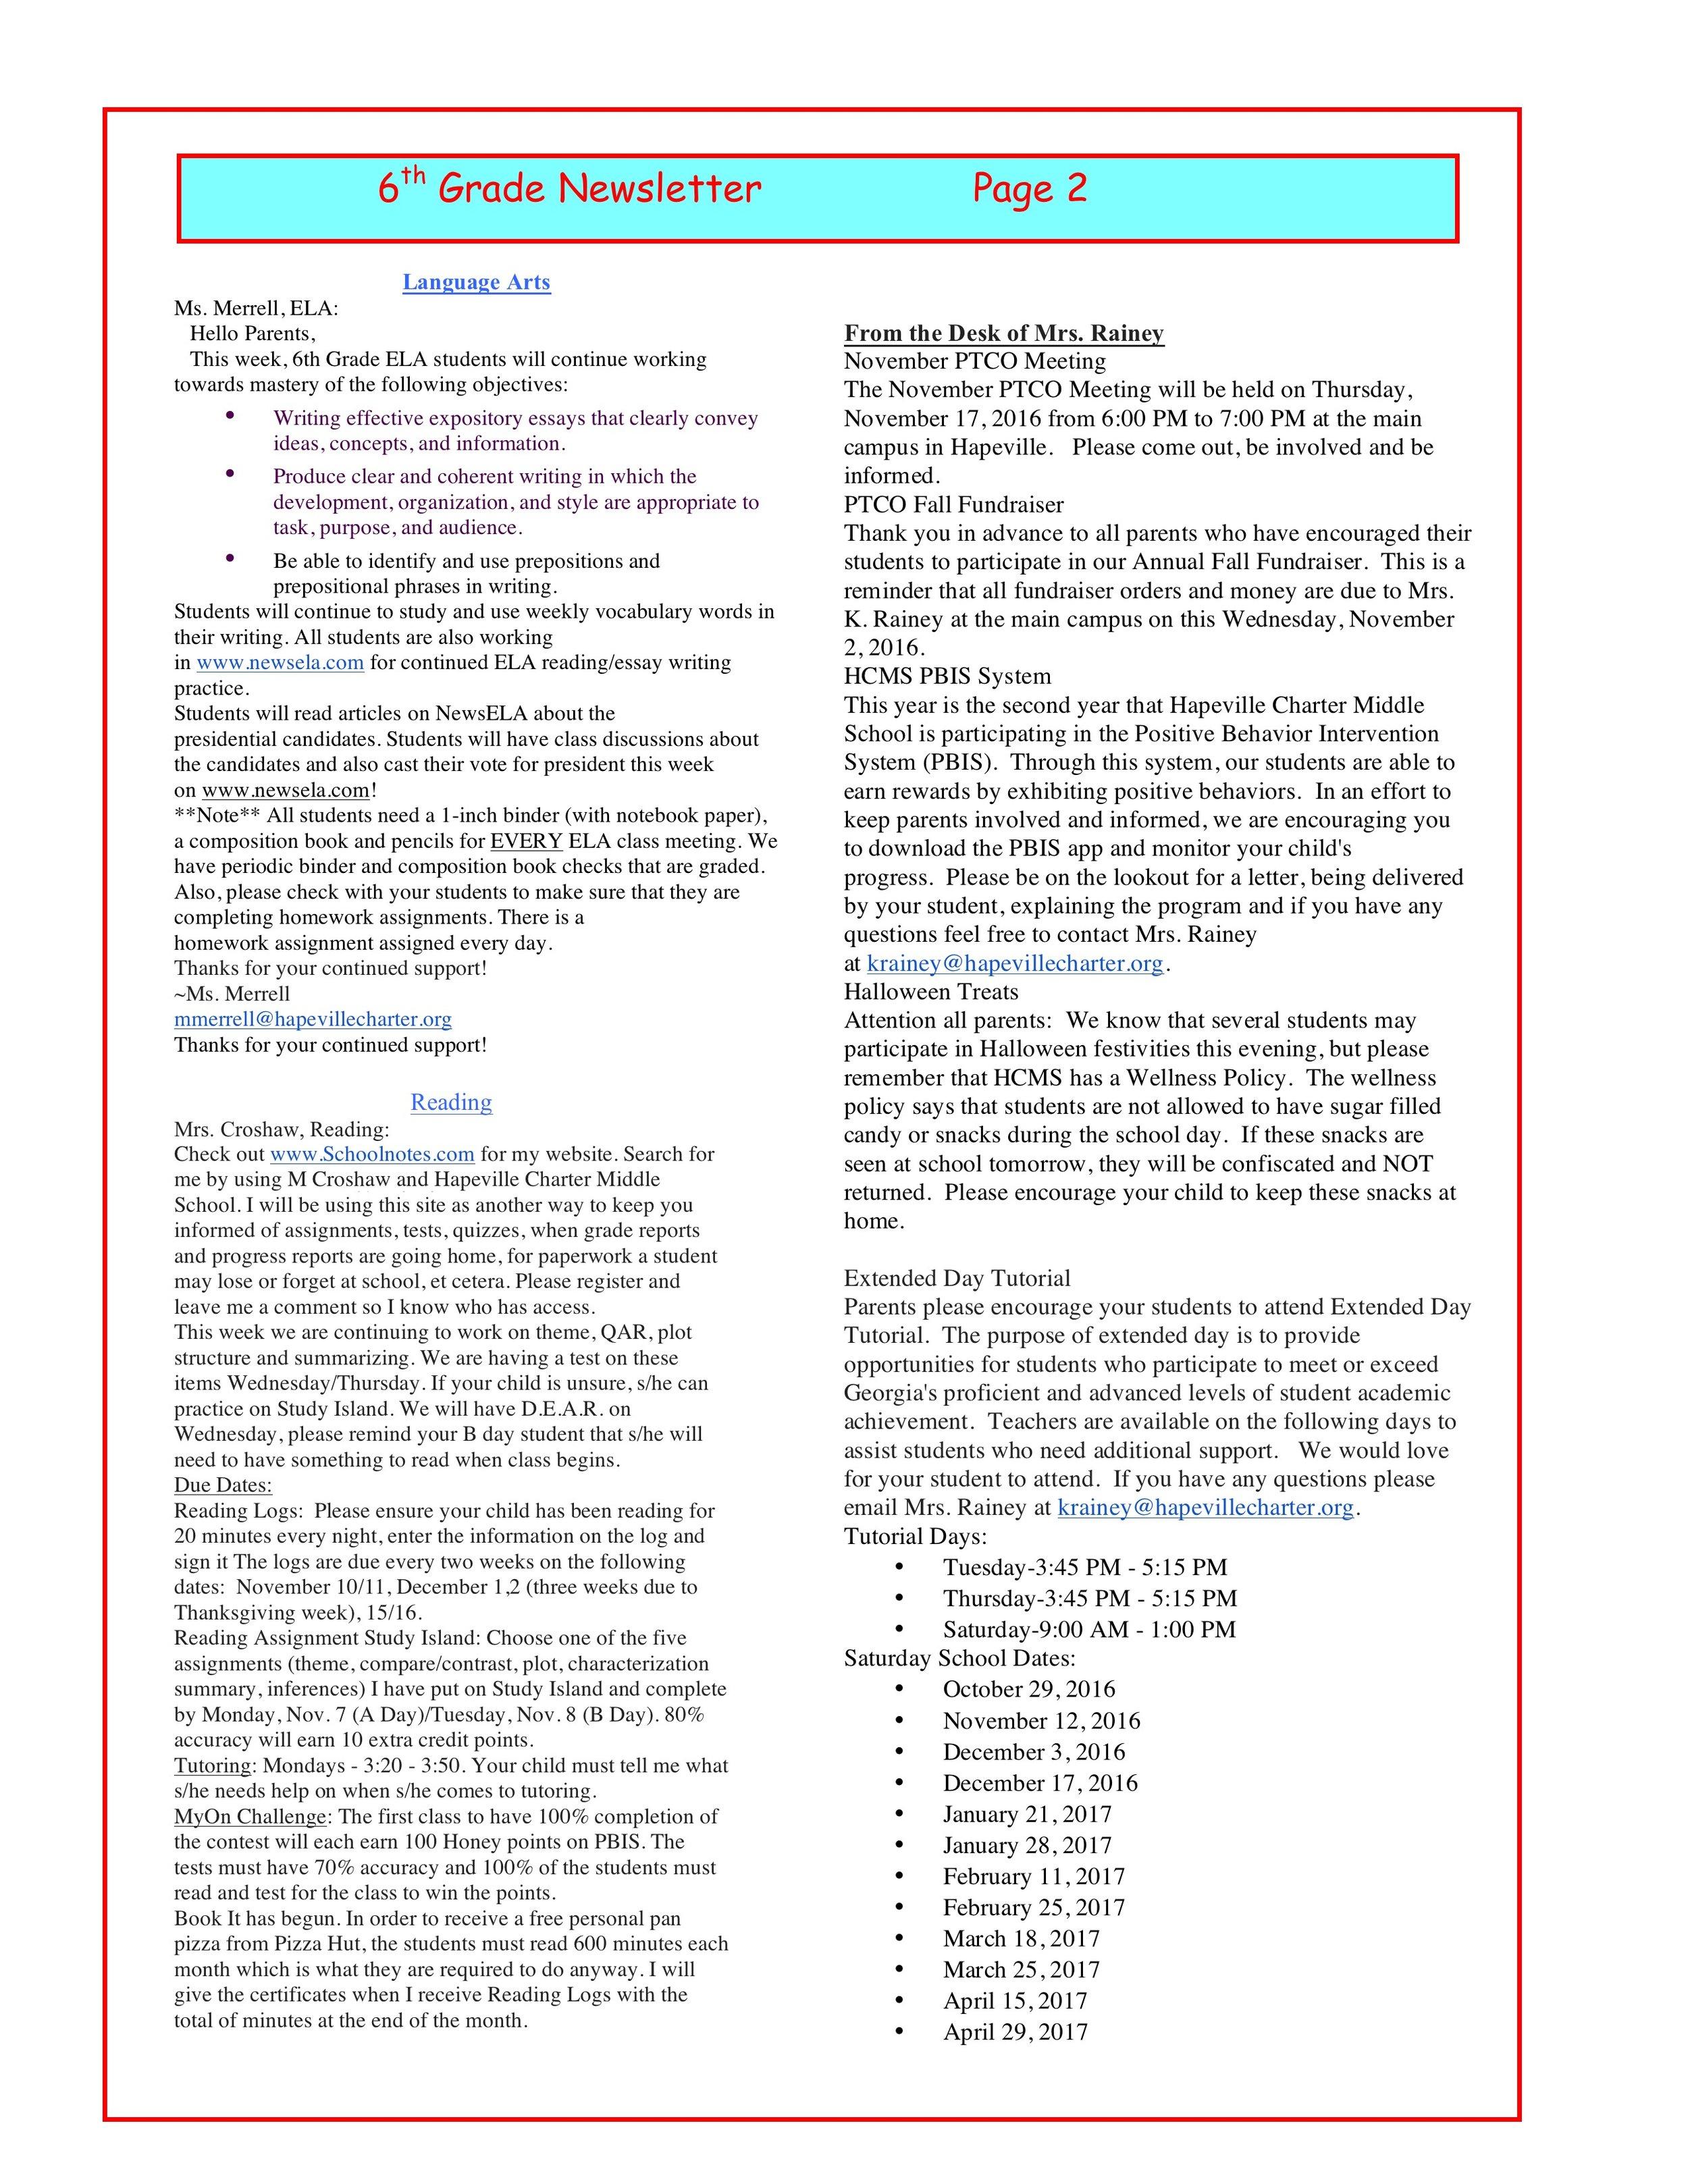 Newsletter Image6th Grade Newsletter 10-31-2016 2.jpeg